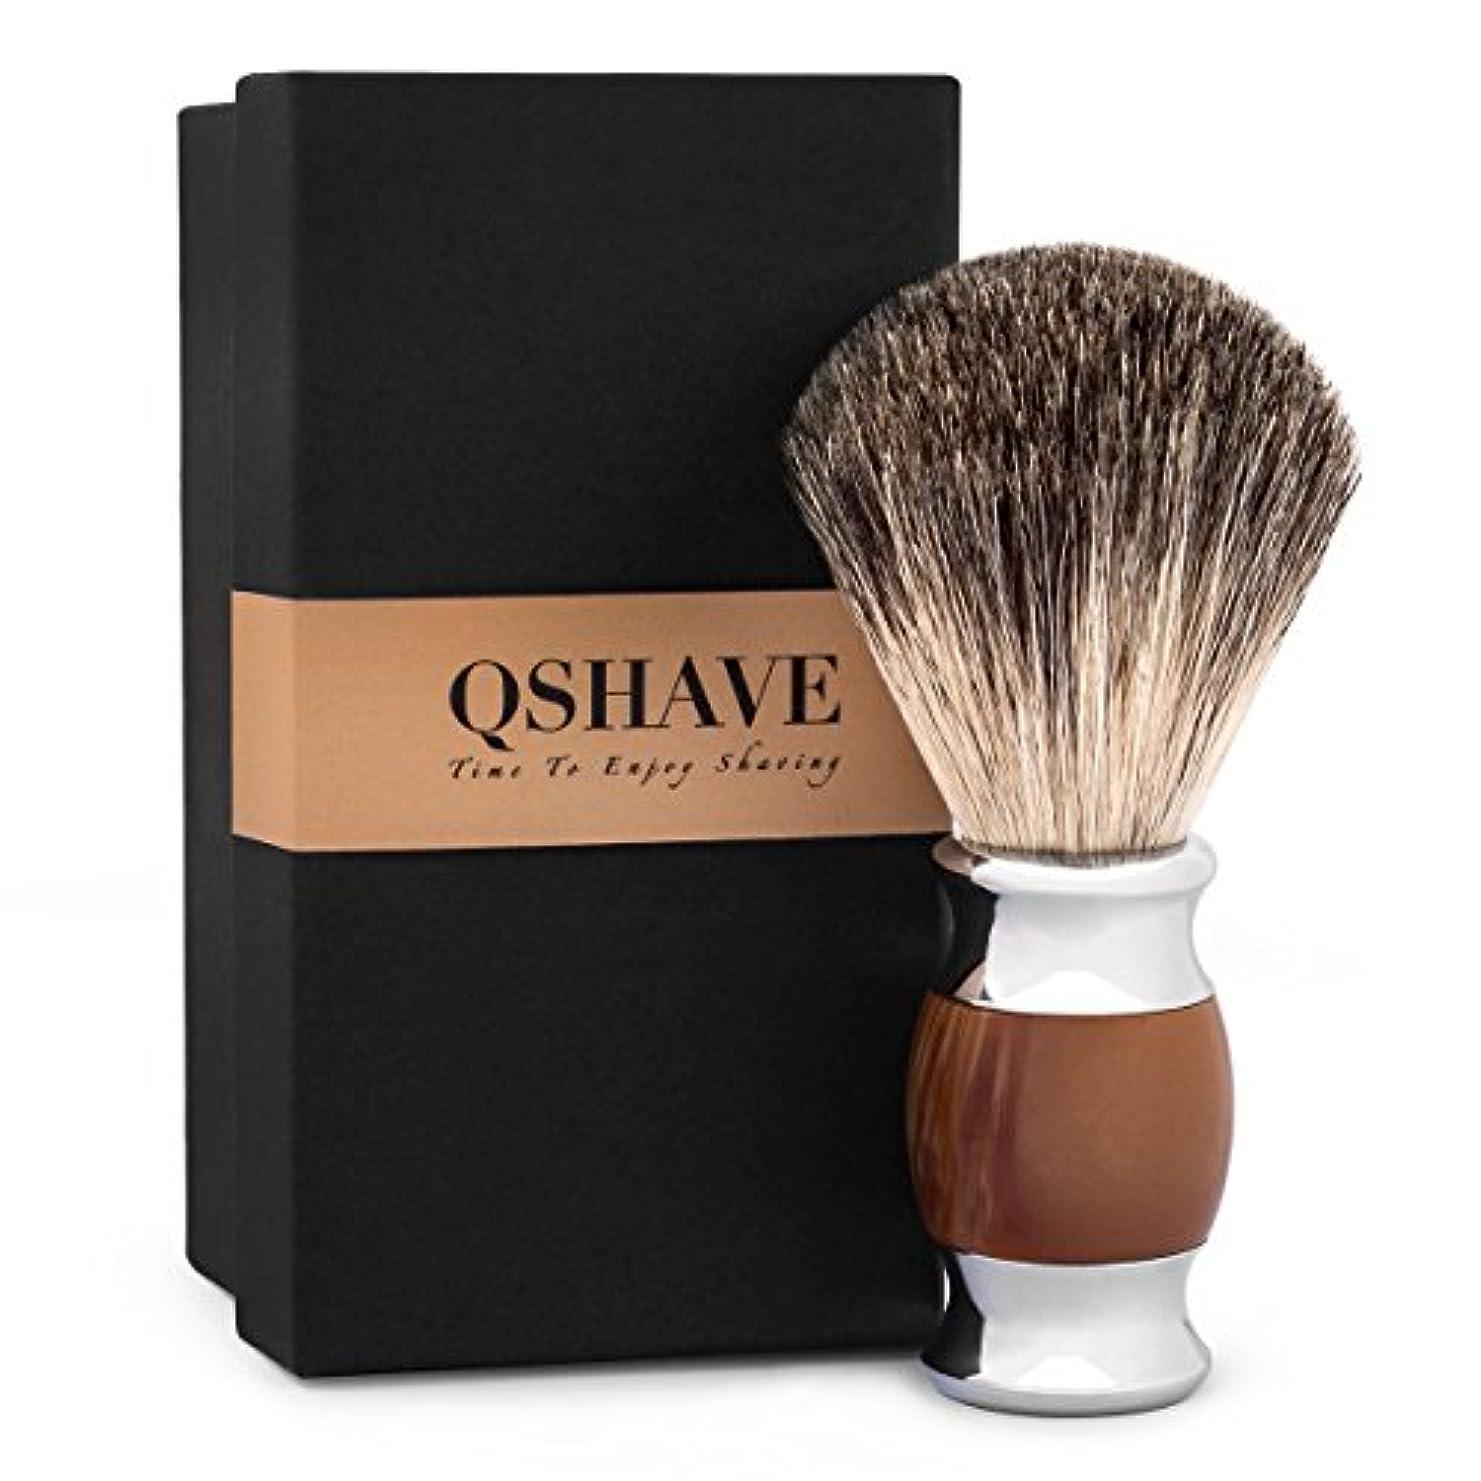 面倒休日ポルティコQSHAVE 100%最高級アナグマ毛オリジナルハンドメイドシェービングブラシ。人工メノウ ハンドル。ウェットシェービング、安全カミソリ、両刃カミソリに最適